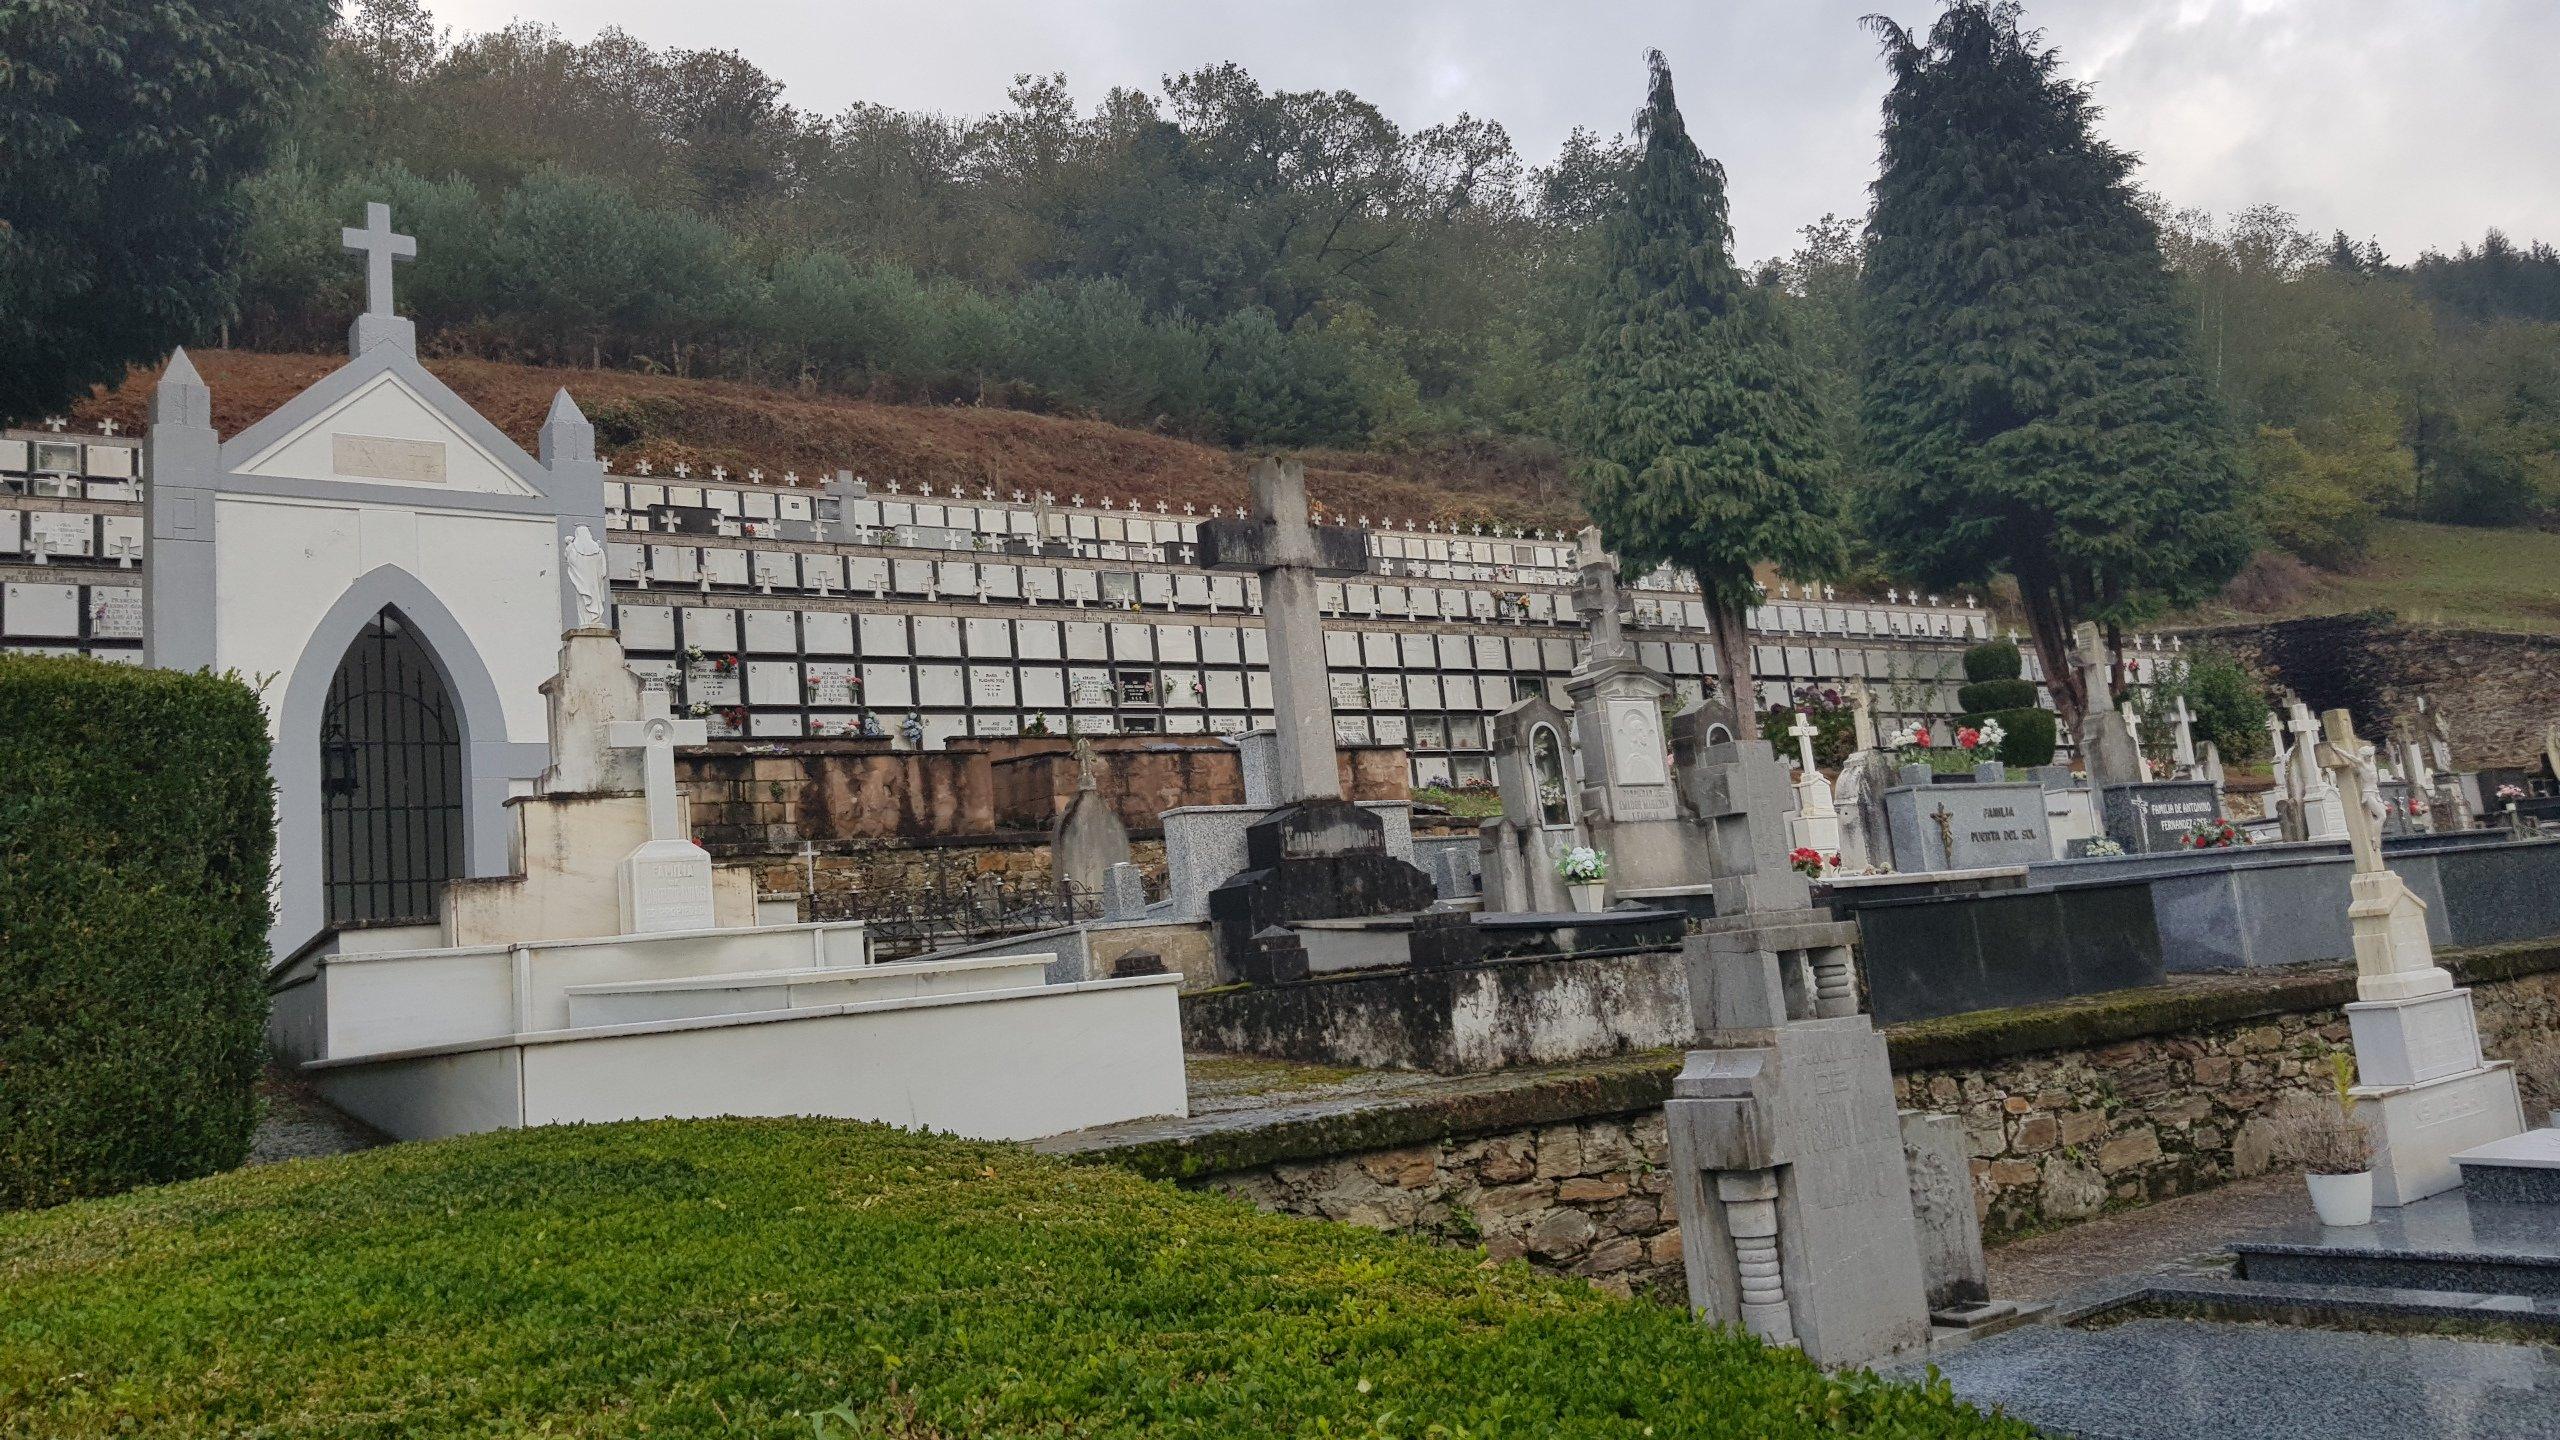 La Policía Local de Cangas del Narcea controlará la afluencia al cementerio el 30 y 31 de octubre y 1 de noviembre